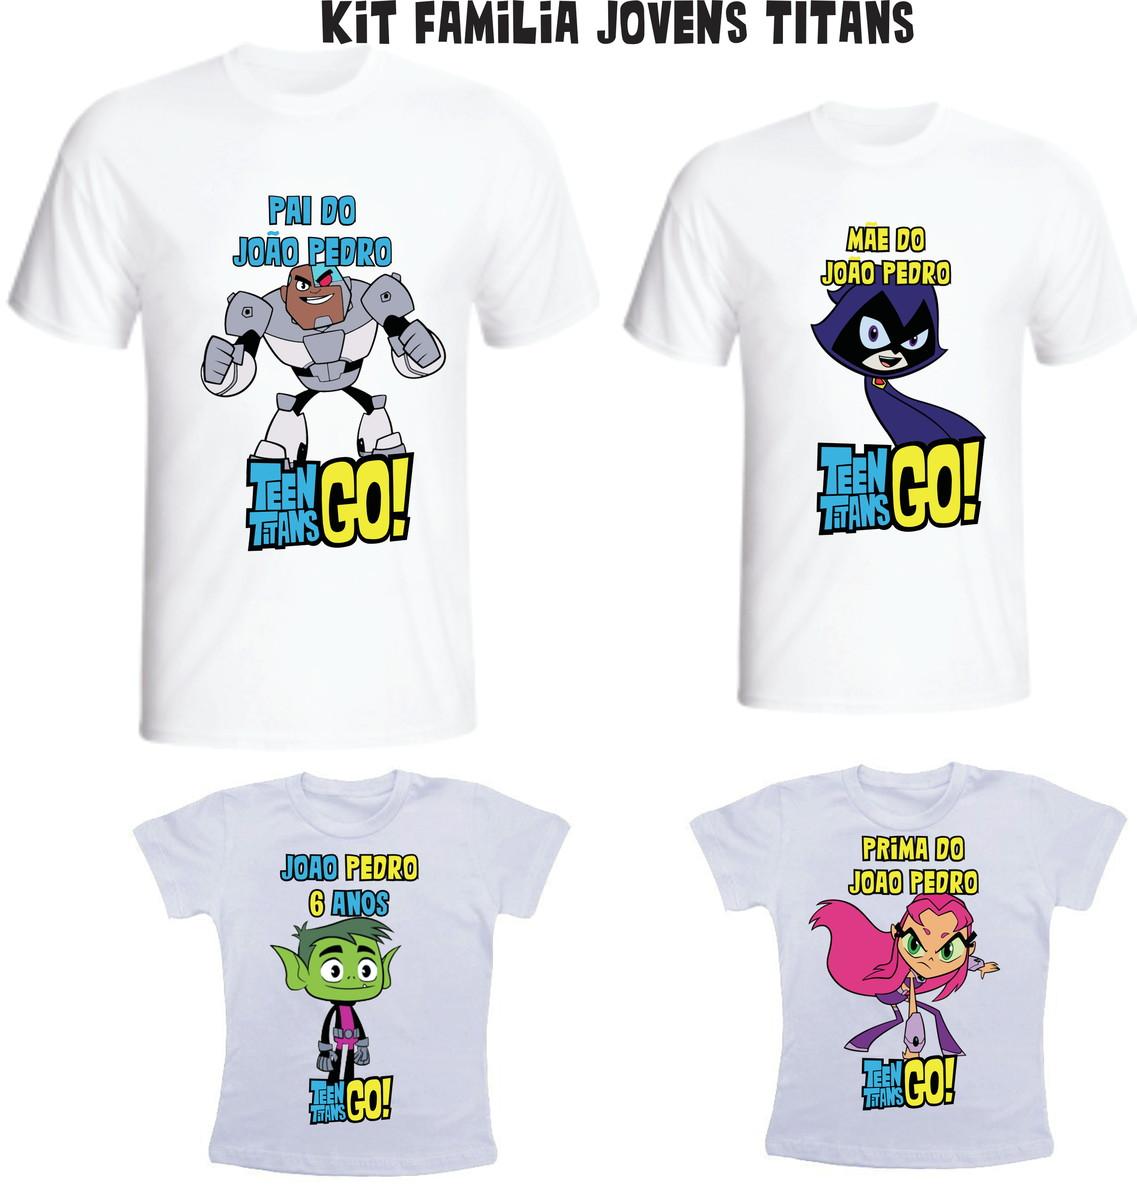 Camiseta Jovens Titãs Kit  04 - Personalizada no Elo7  a602178e497b3